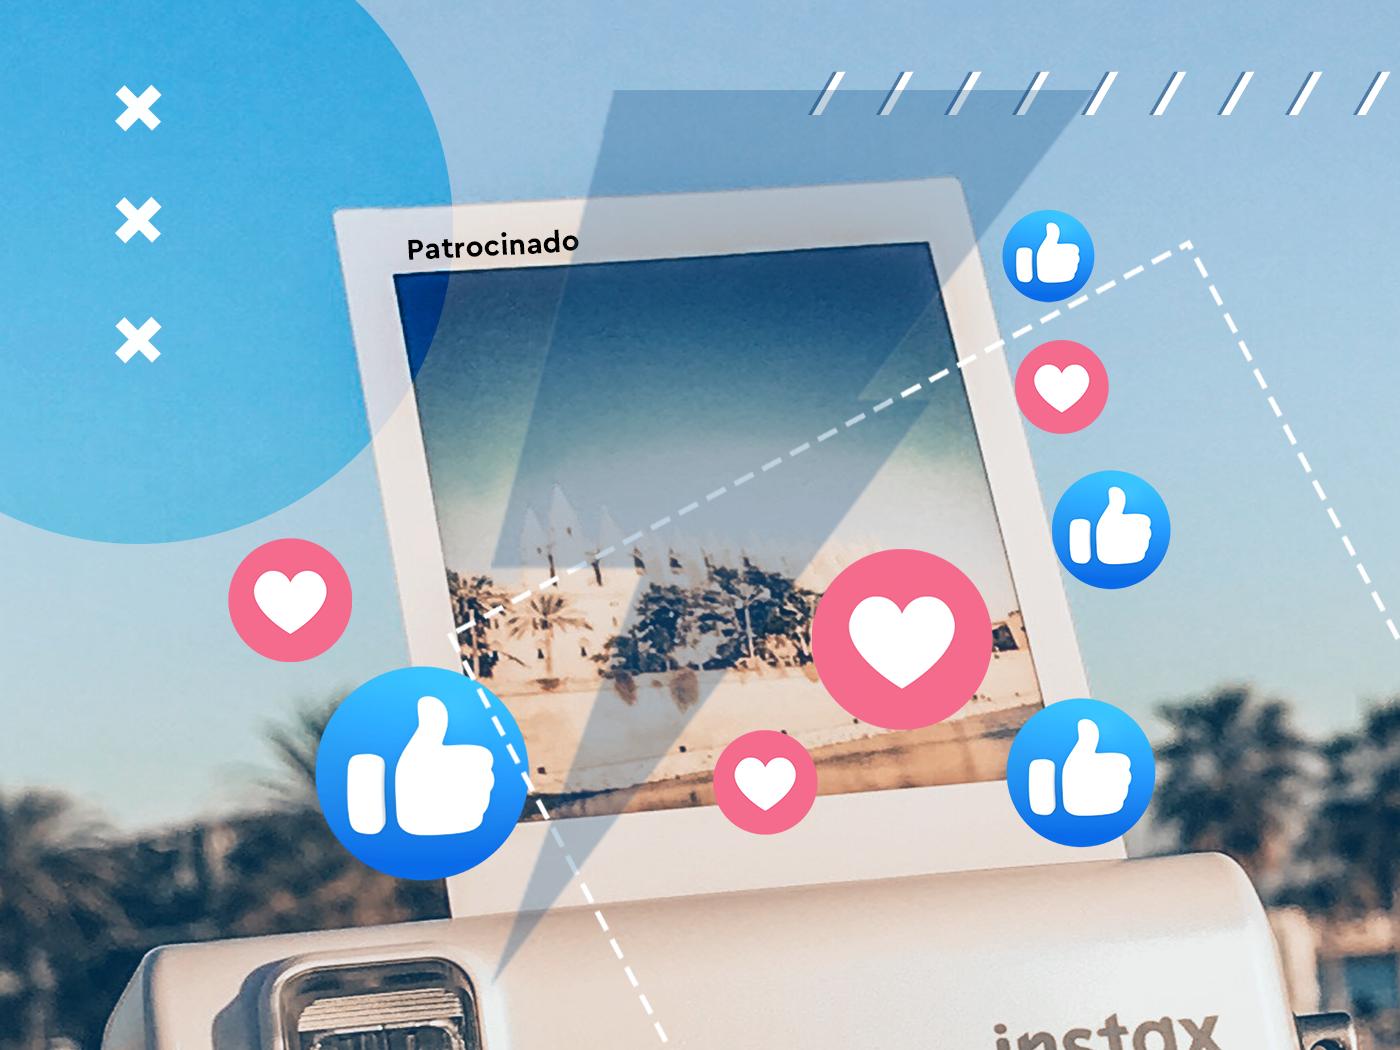 Não sabe quais as vantagens de impulsionar as publicações nas redes sociais? Descubra aqui